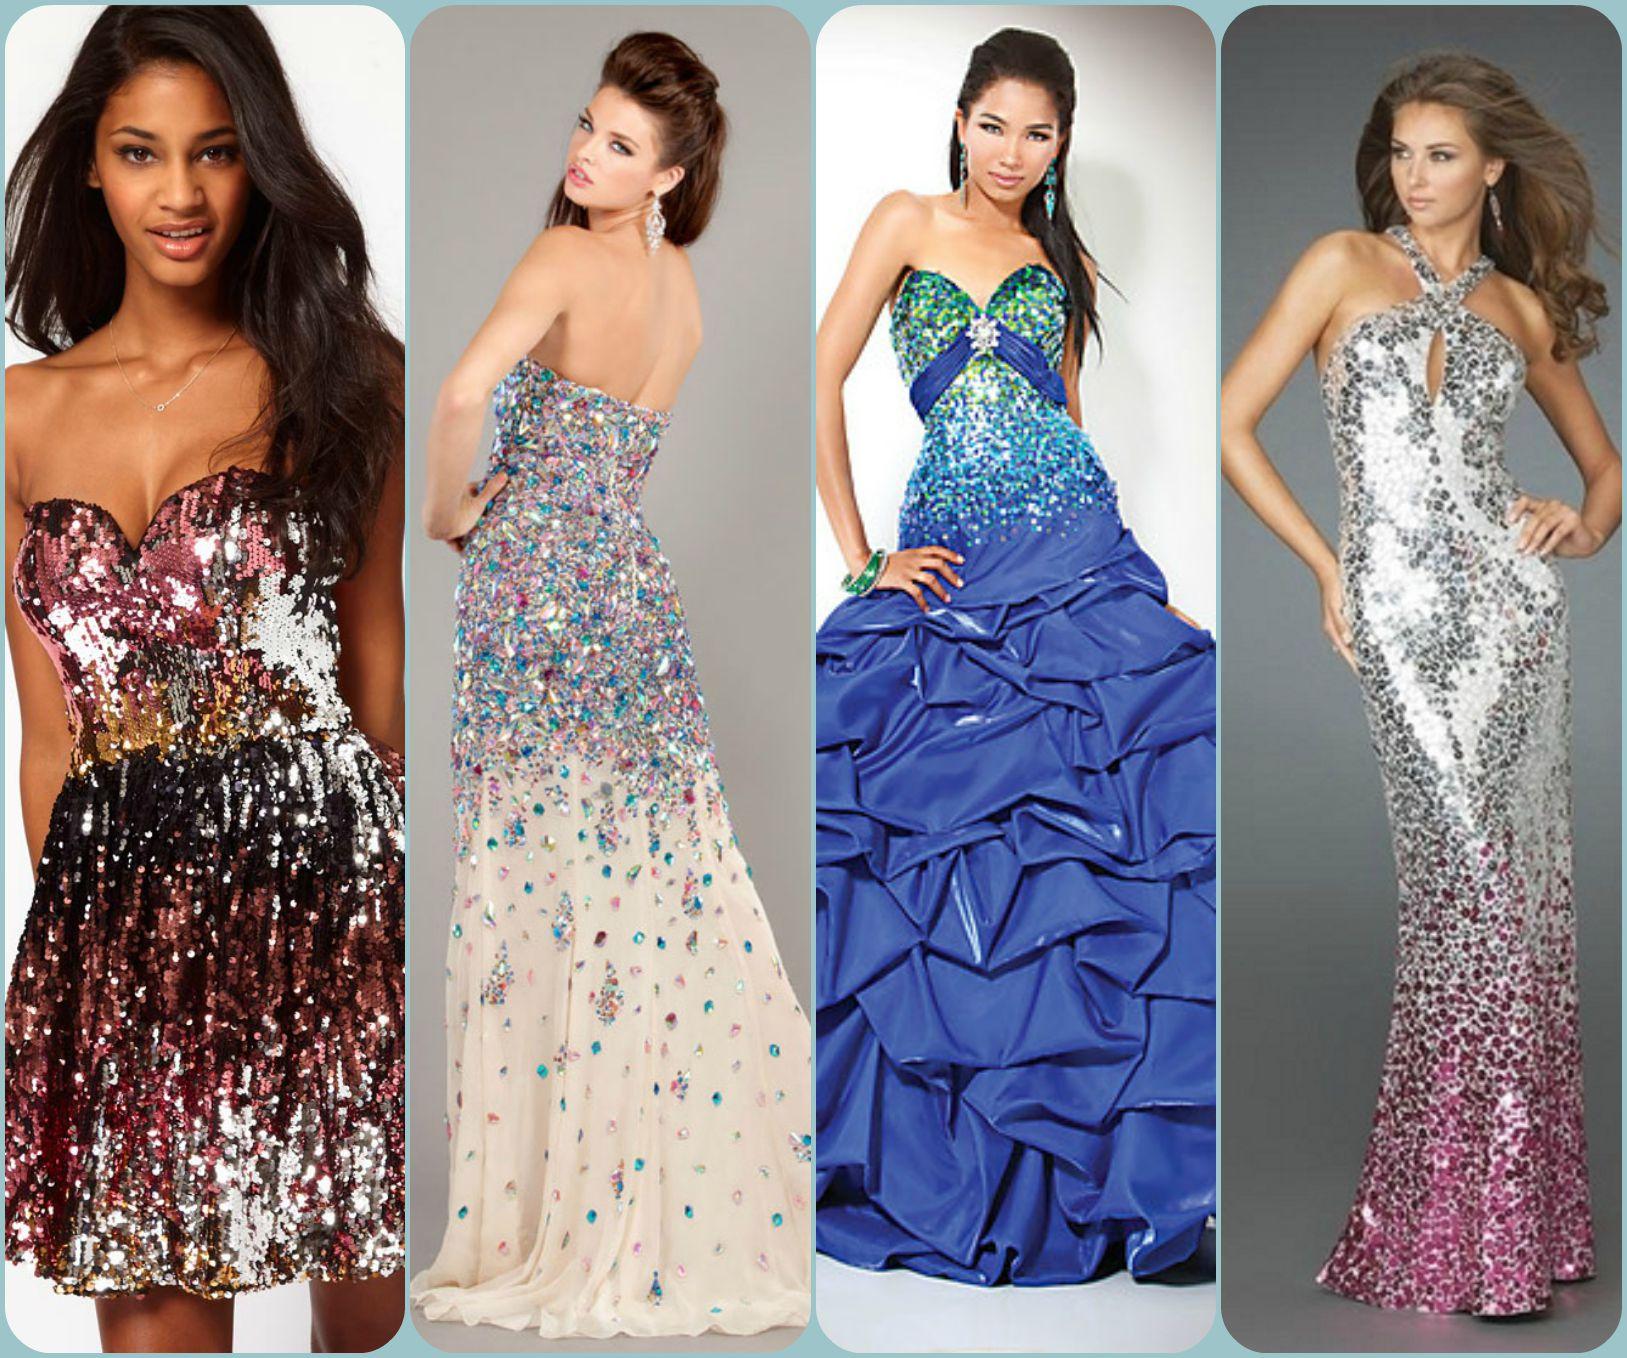 Adornos para un vestido de fiesta